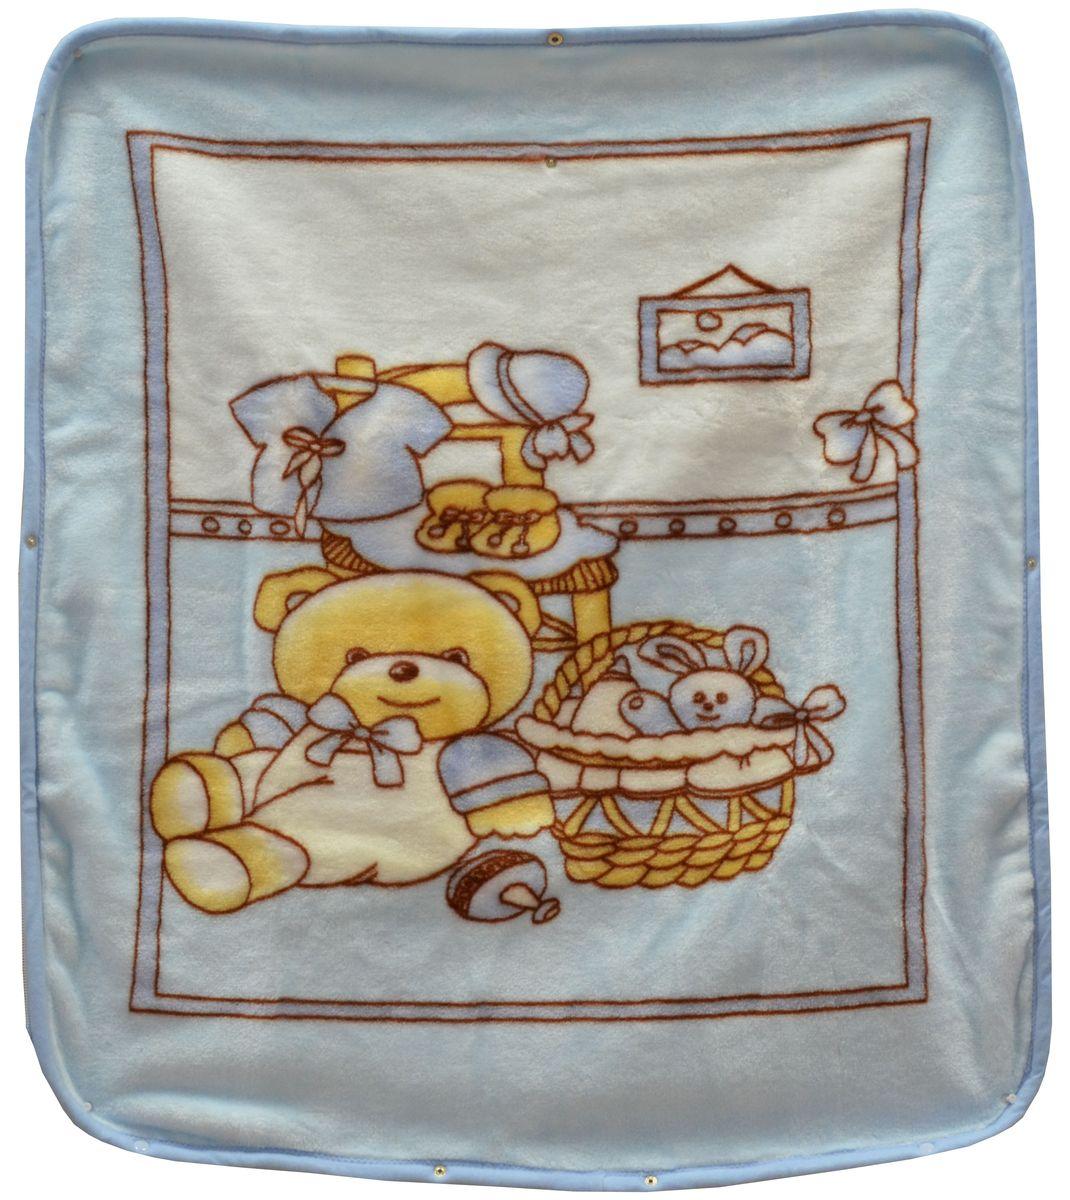 Bonne Fee Плед детский Плед-накидка для младенцев на молнии, 80 х 90 см, голубойОНДК/300-гол1Защита, тепло и комфорт для малышей - использован надёжный, качественный и мягкий материал! Удобство и спокойствие для родителей обеспечивается универсальностью пледа-накидки, конструкция которого позволяет ему легко превращаться в конвертик. Отличное качество и практичность! Любите своего ребёнка и дарите ему лучшее!